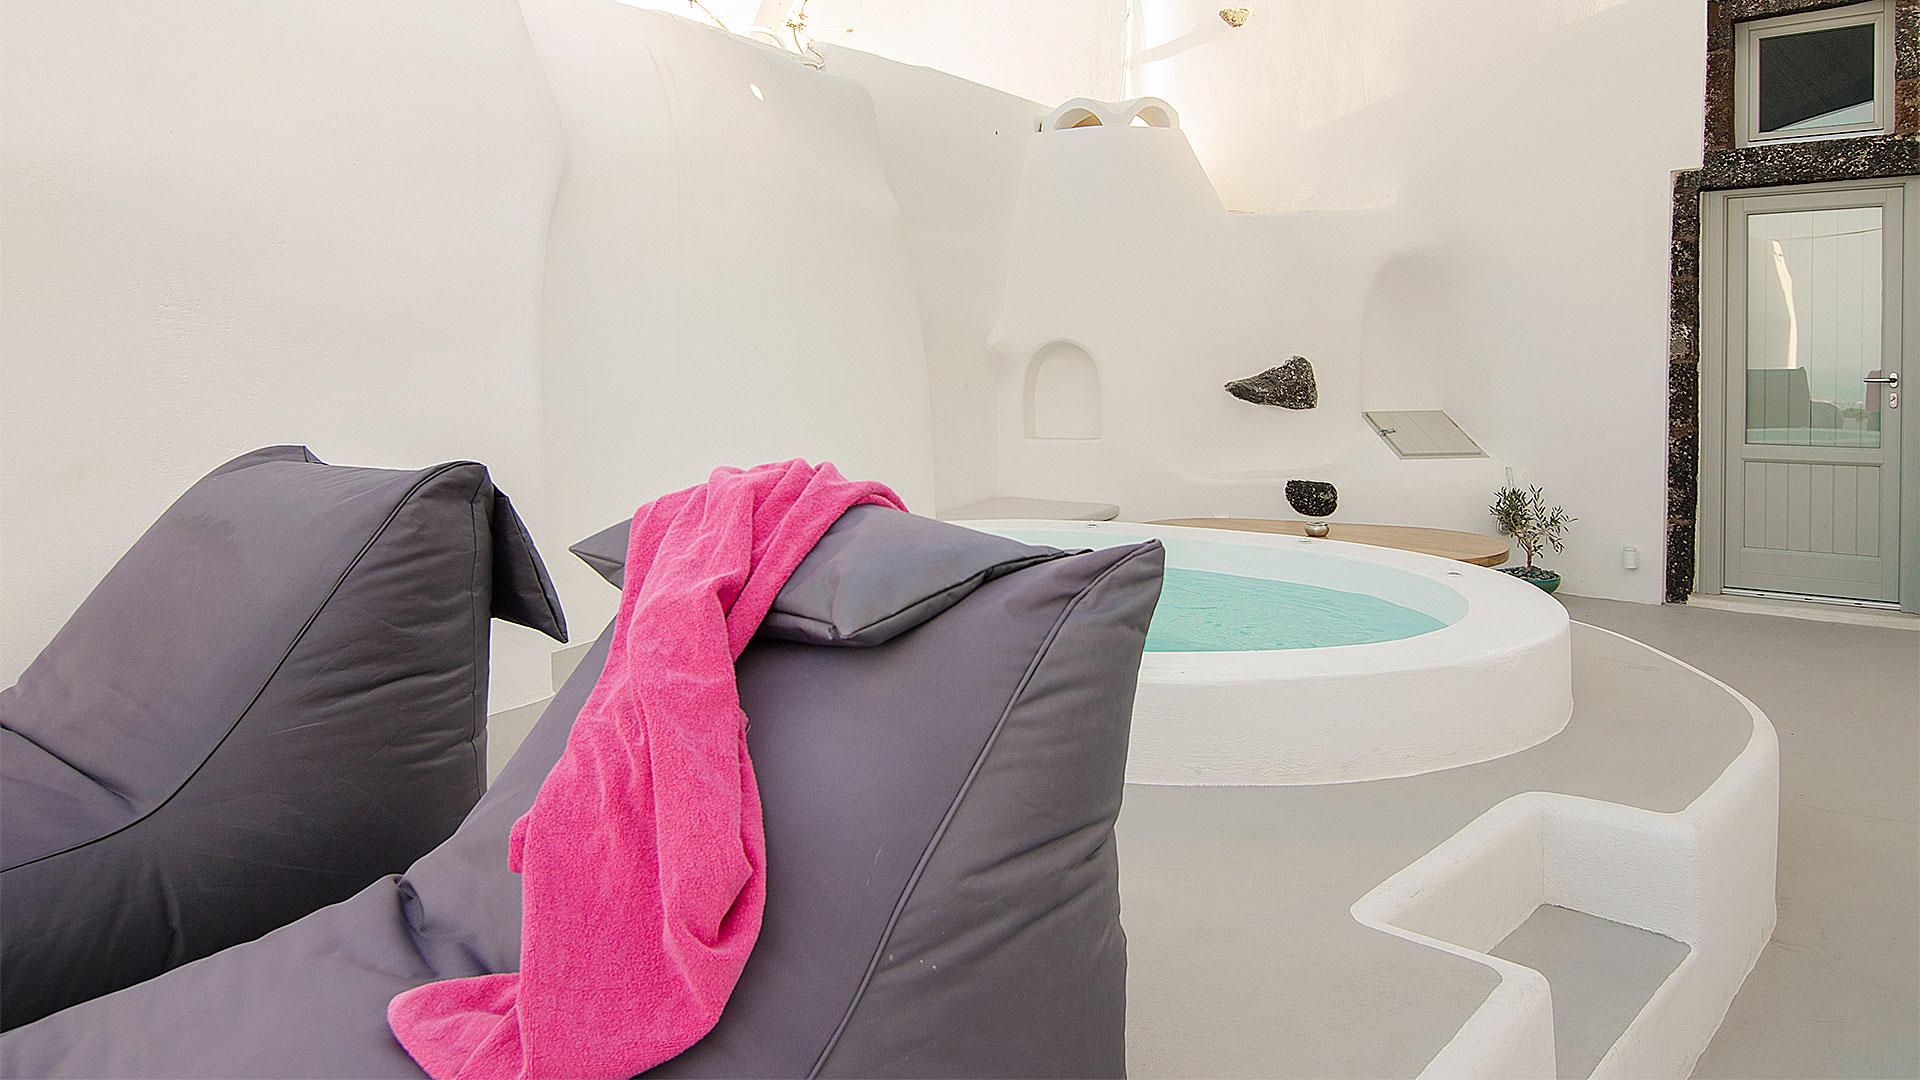 Santorini jacuzzi suite apartment view caldera | Pura Vida